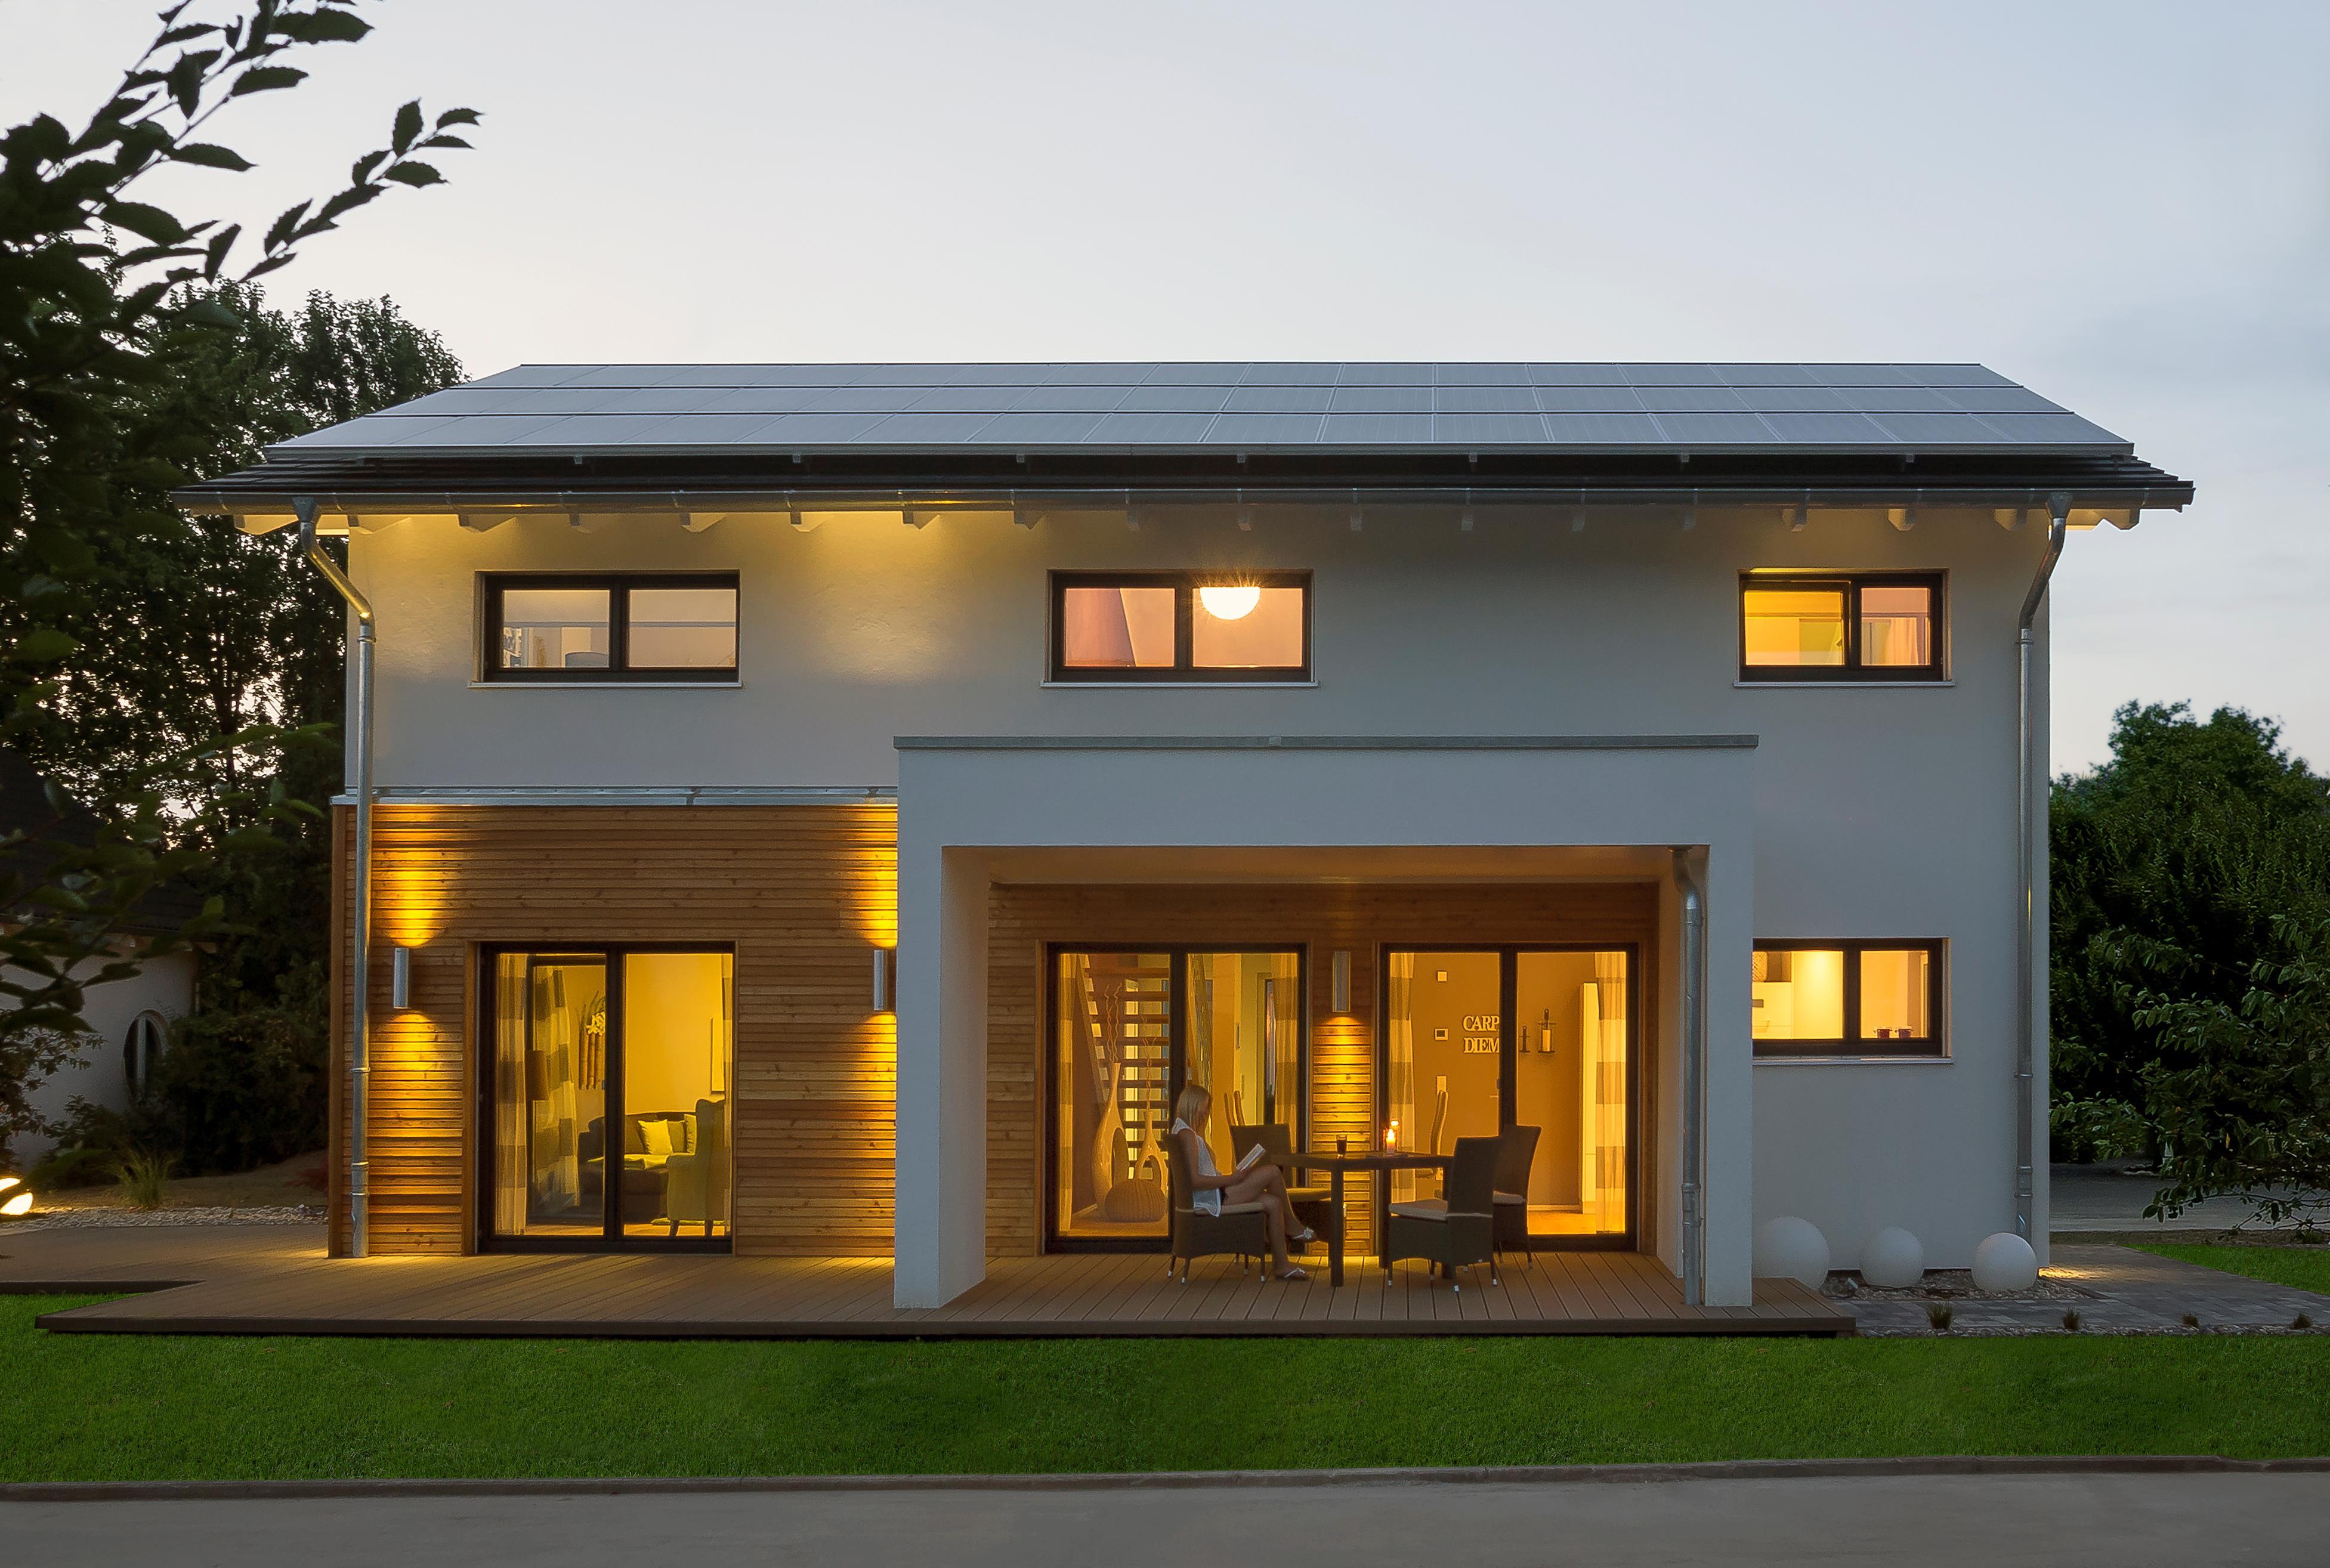 Colore Esterno Casa Moderna guidaenergia.it - informazioni e notizie dalle energie